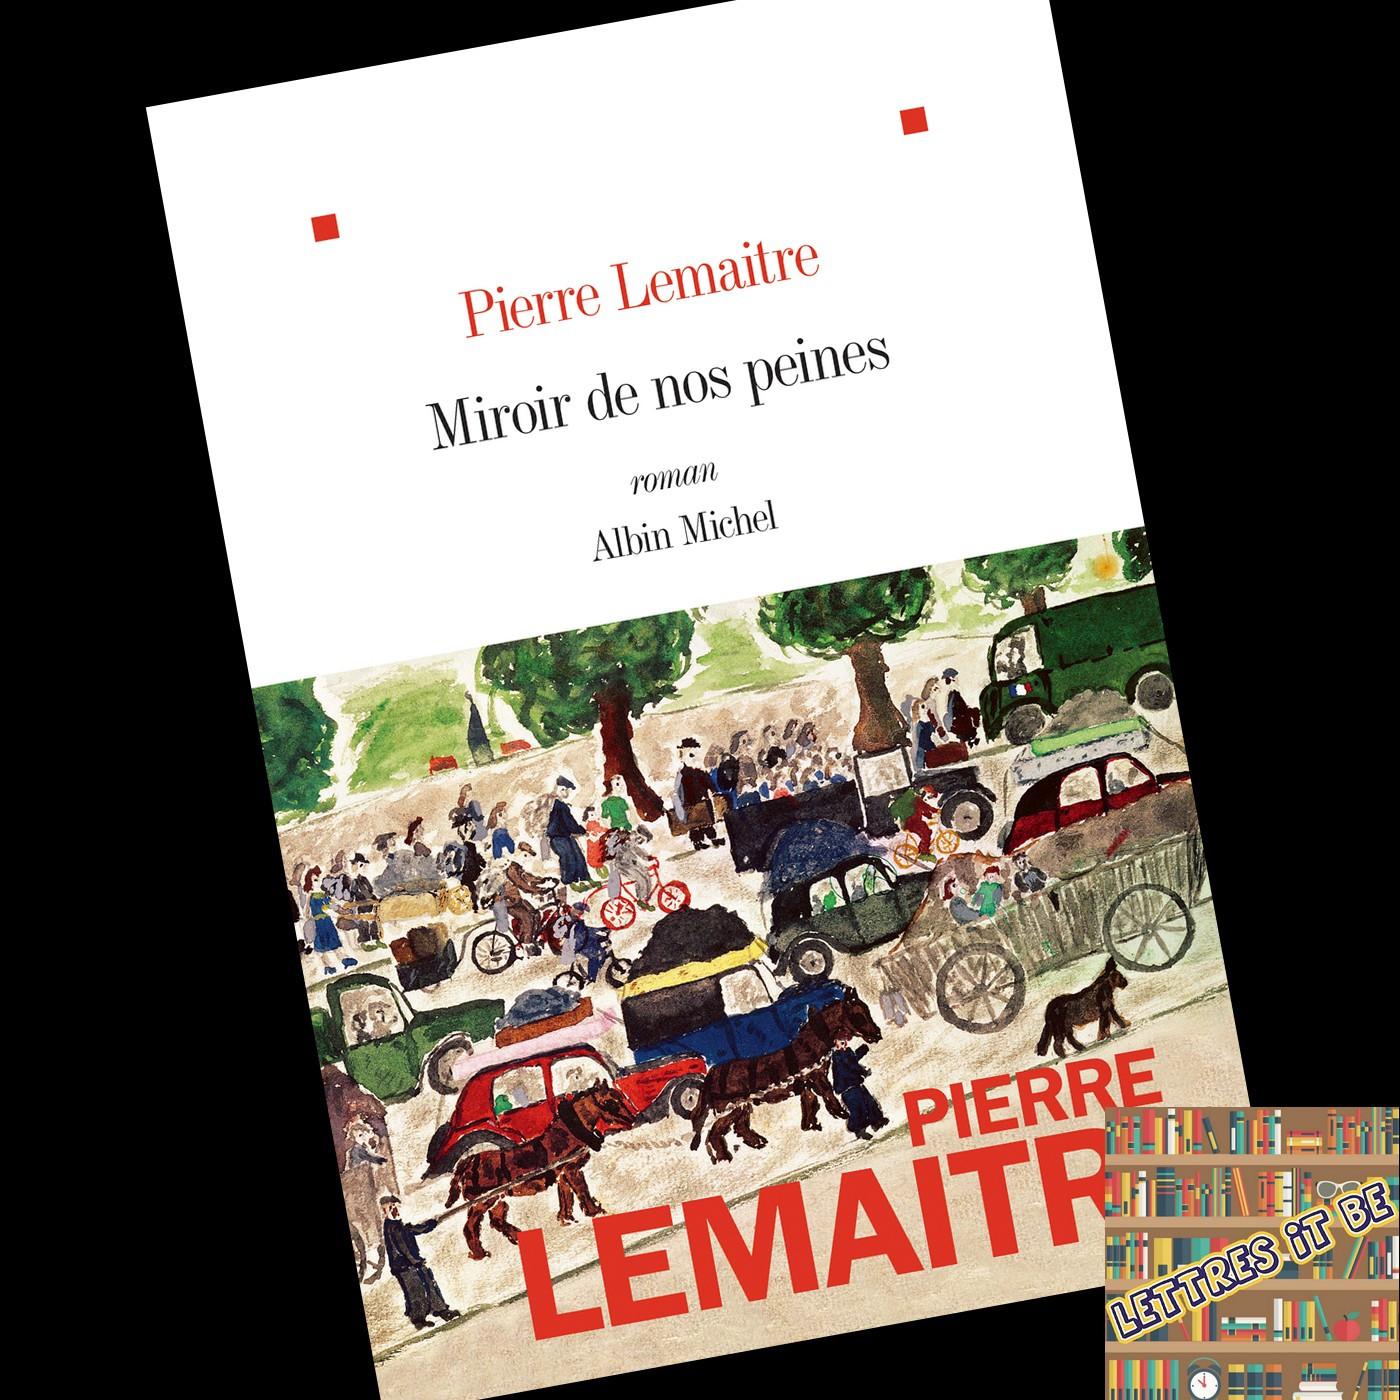 Critique de Miroir de nos peines de Pierre Lemaitre (Livre)